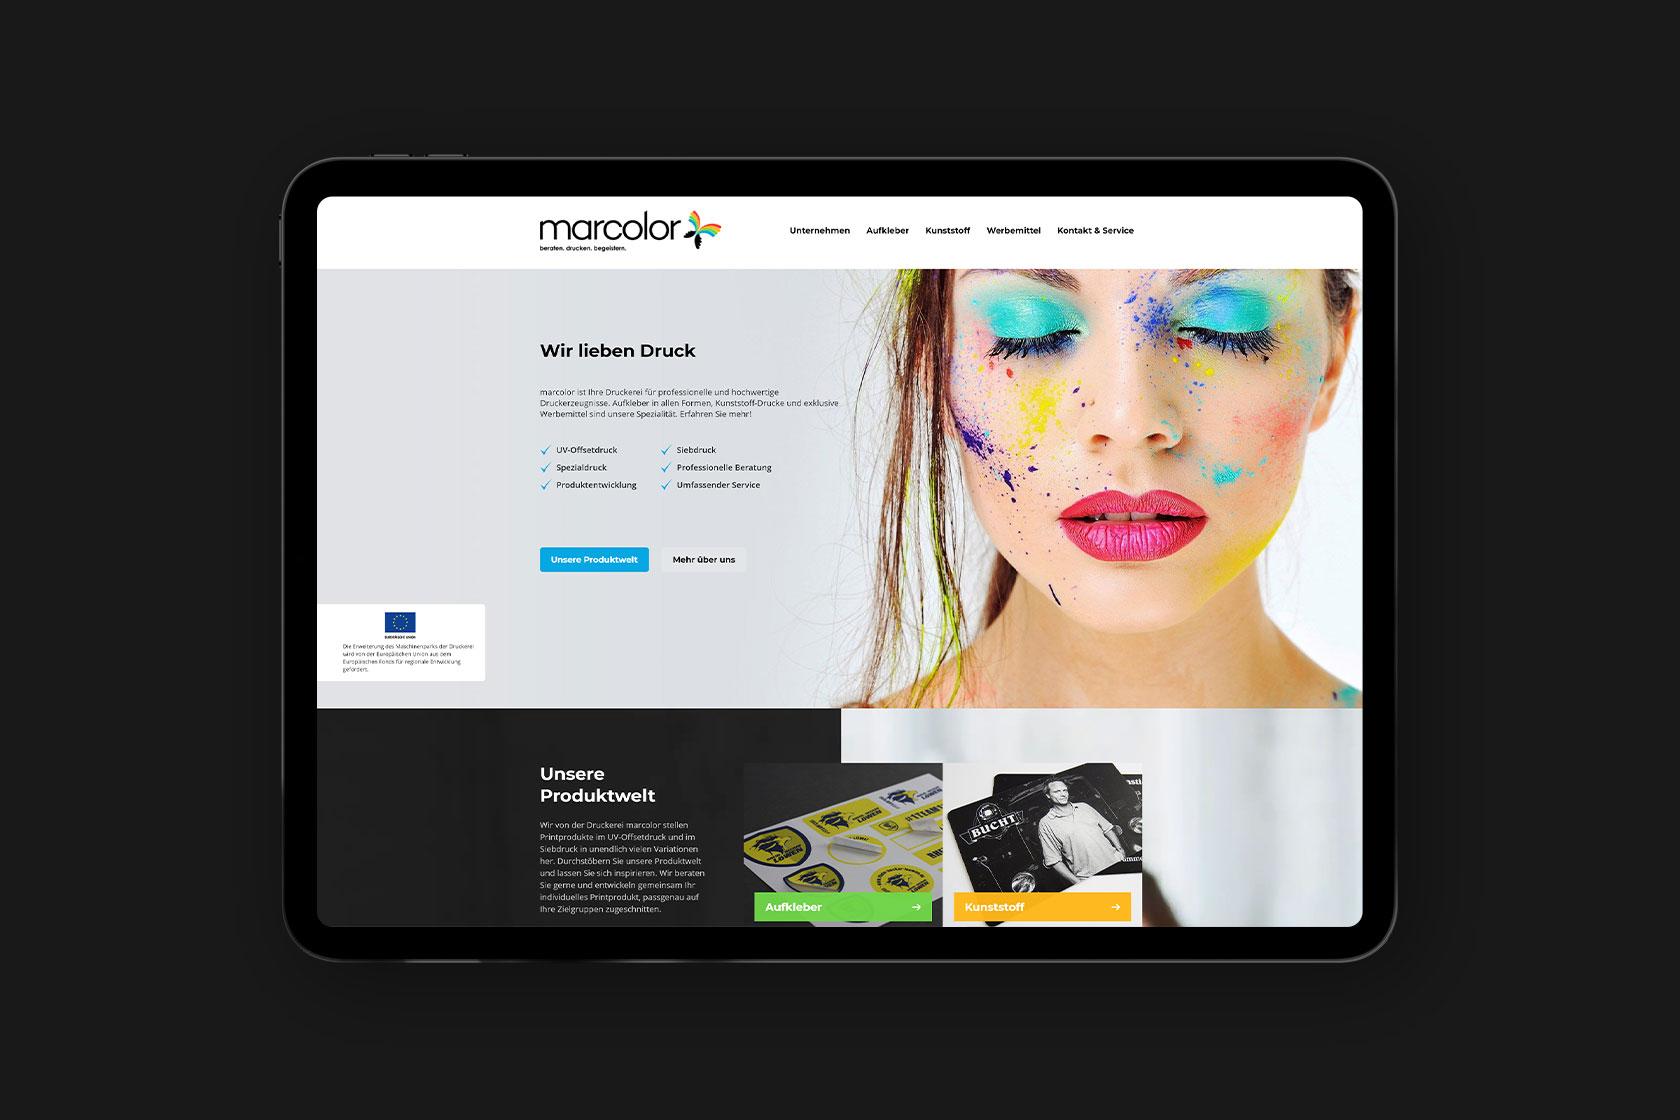 Webdesign für marcolor GmbH & Co. KG aus Speicher